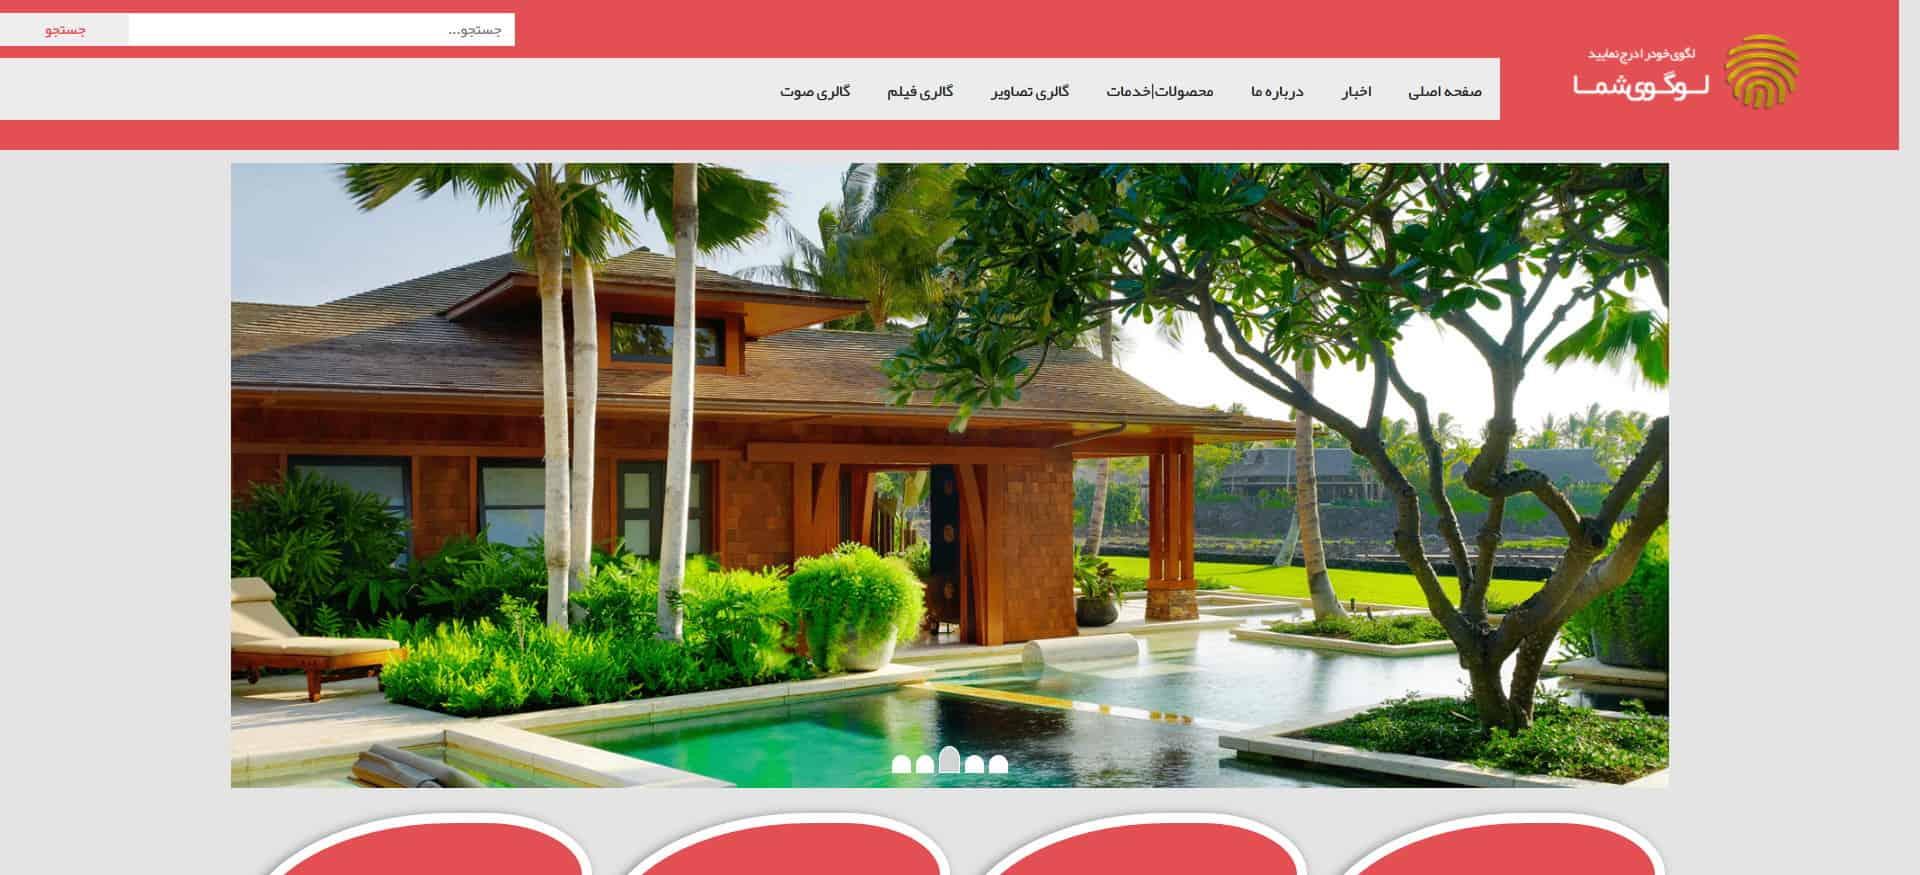 وب سایت شرکتی تجاری فراز